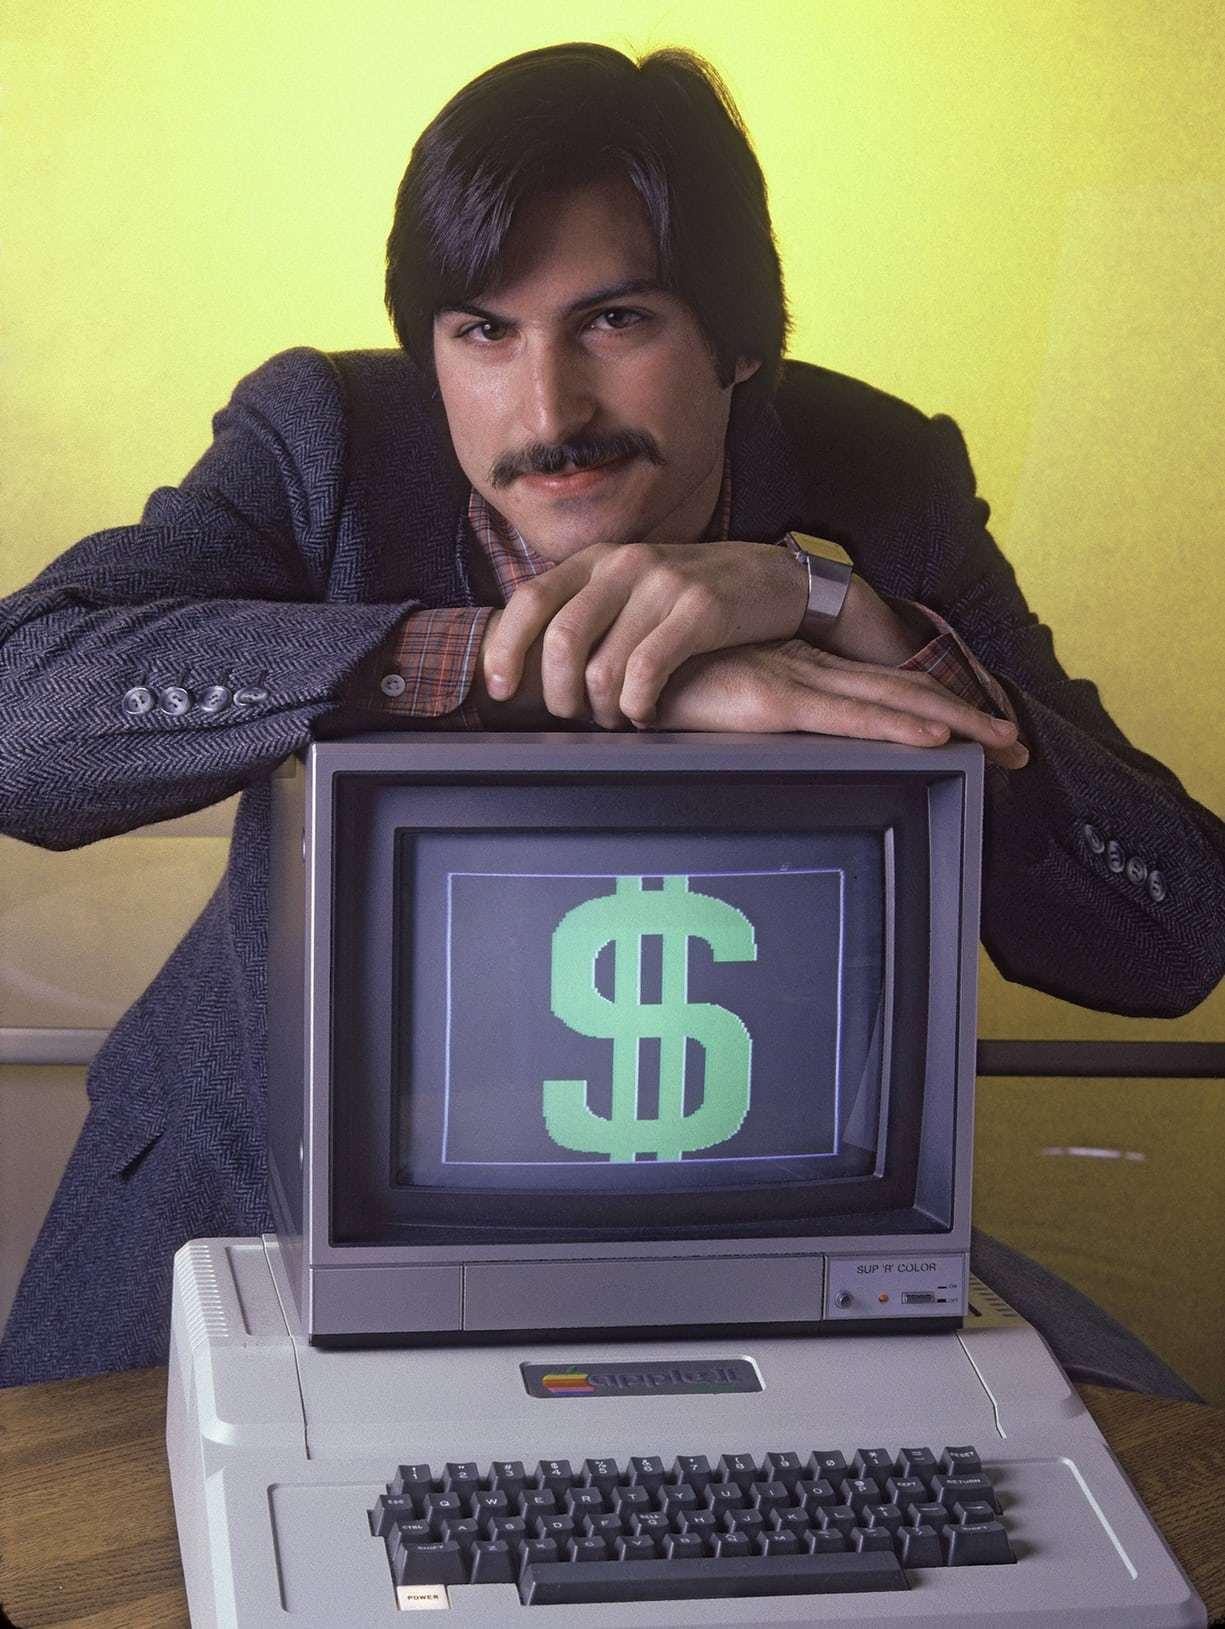 民众对科技公司越来越反感,为何说硅谷不能自愈